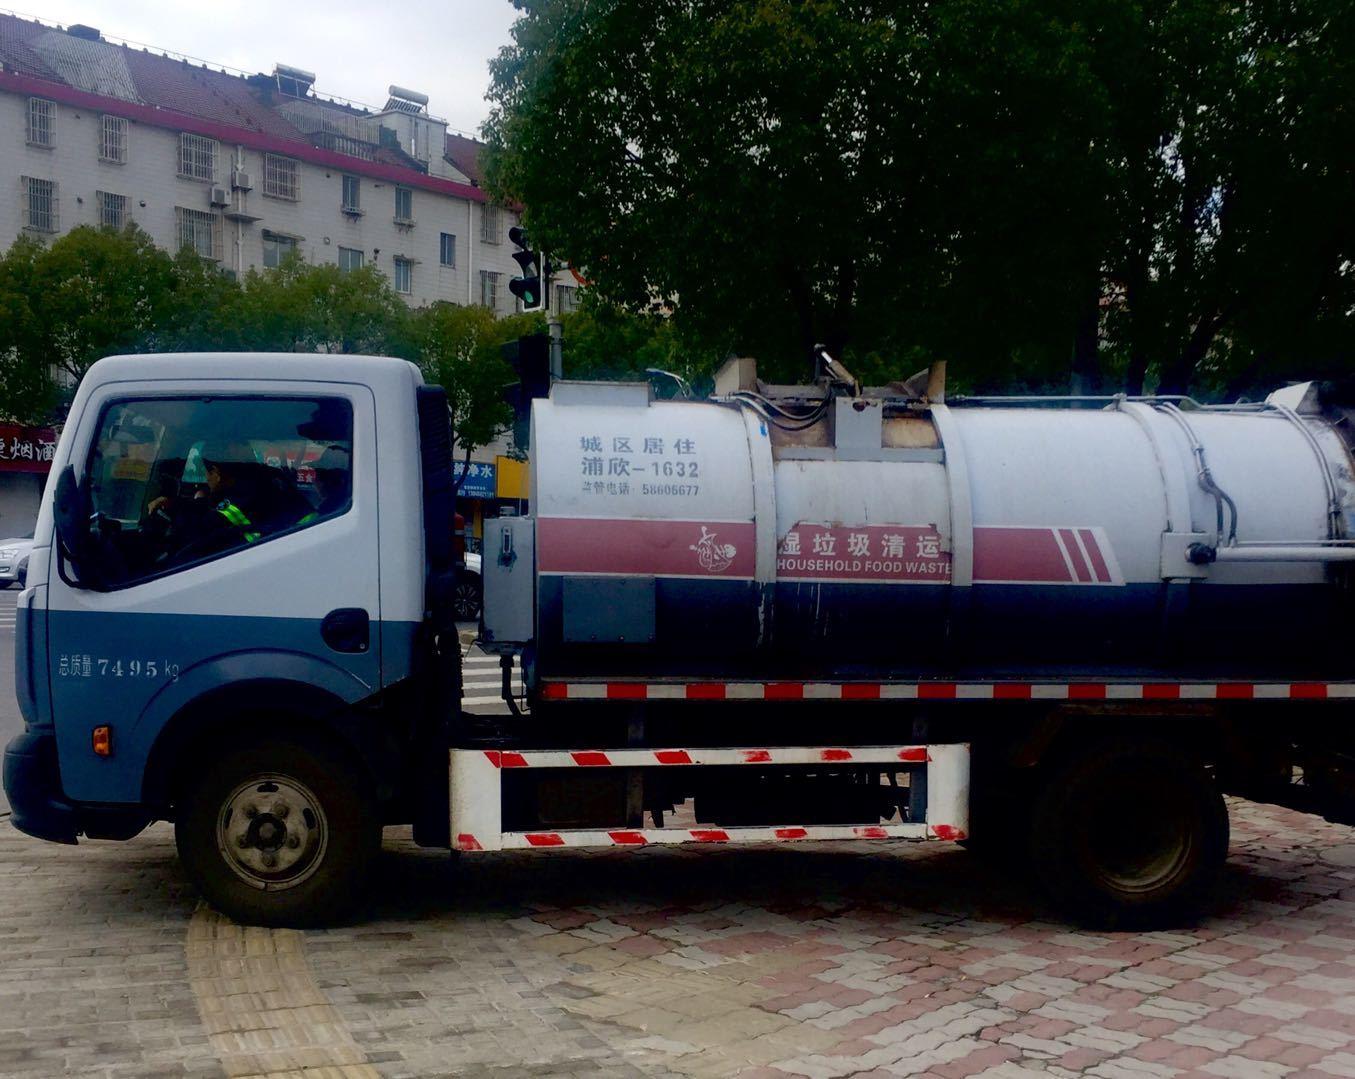 专门用于收集厨余垃圾的车辆,7月1日前就已在上海投入运营多年。